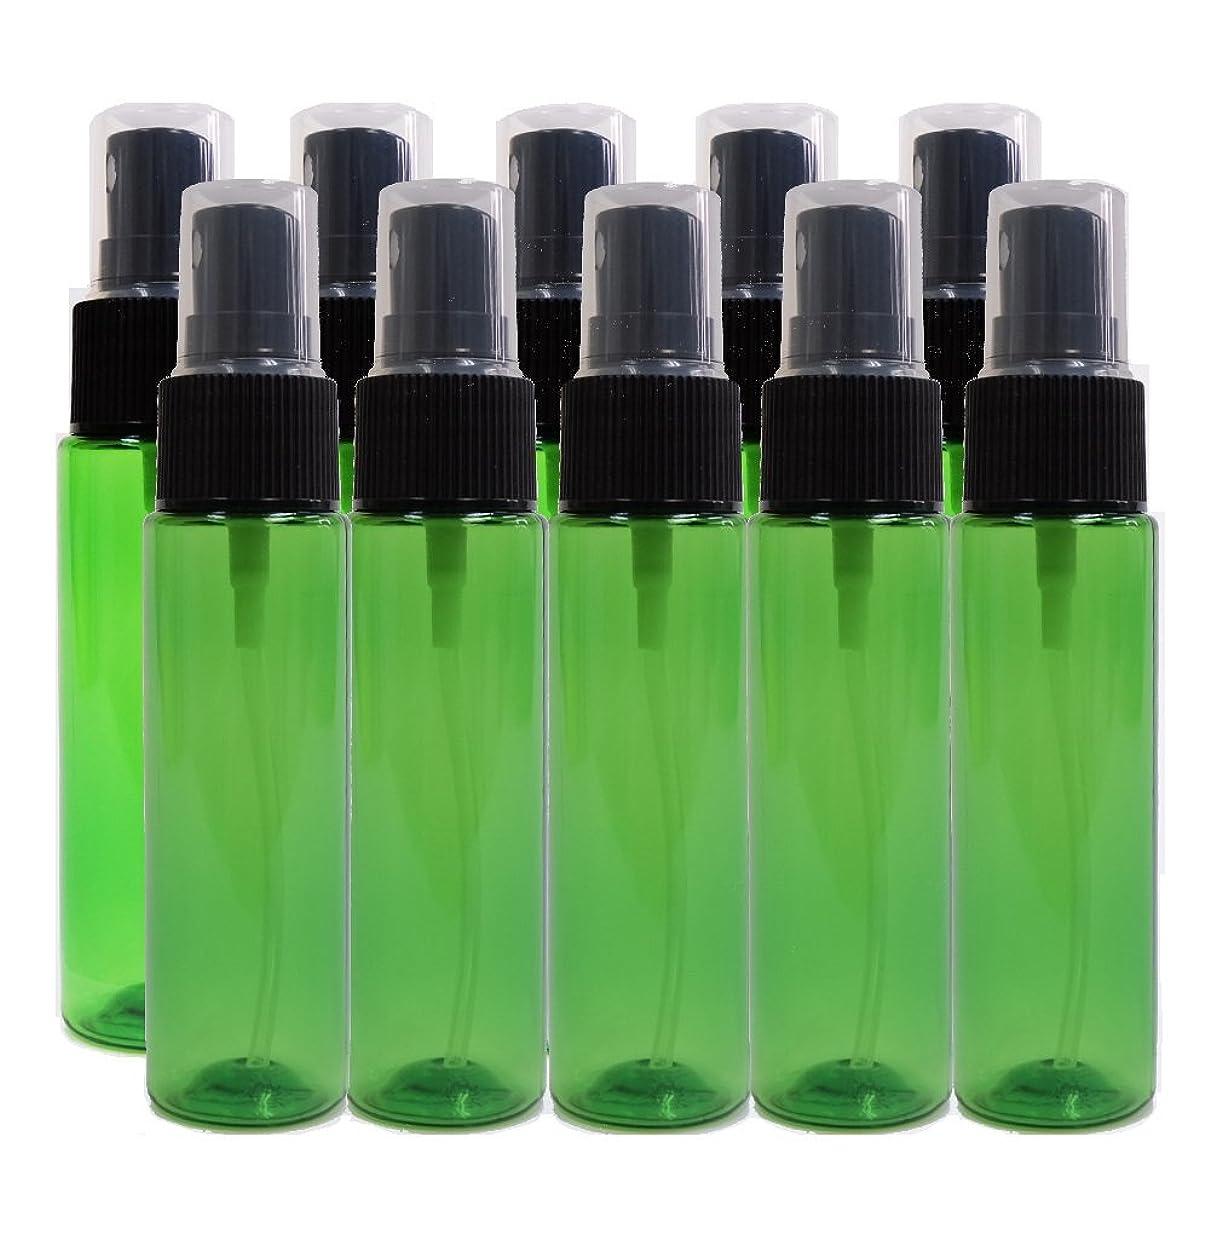 運営光沢荒れ地ease 保存容器 スプレータイプ プラスチック 緑色 30ml×10本